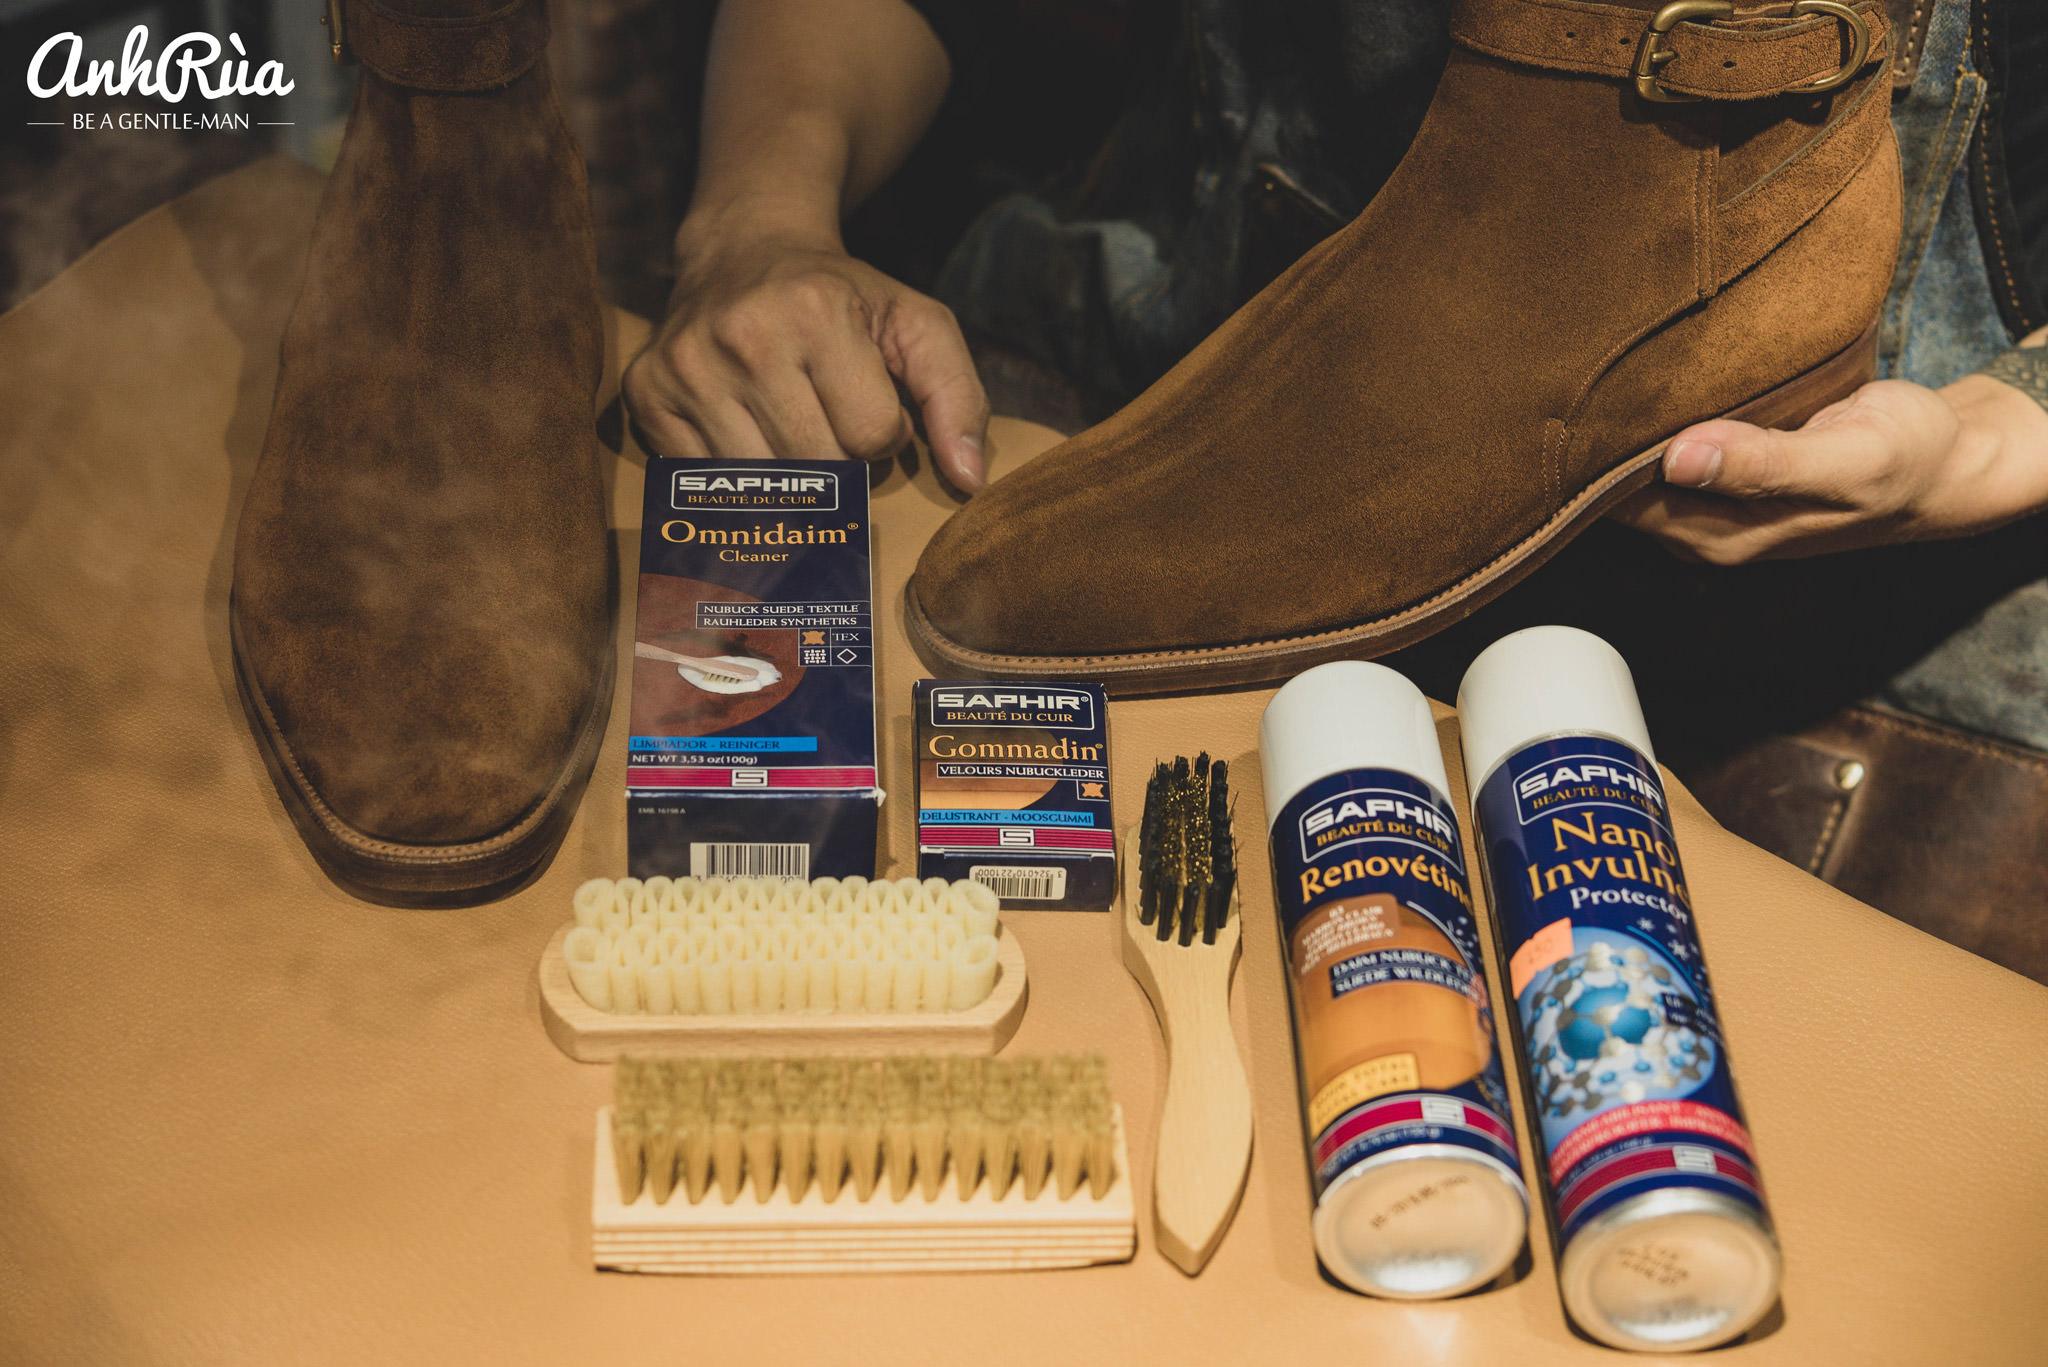 bộ sản phẩm làm sạch giày da lộn